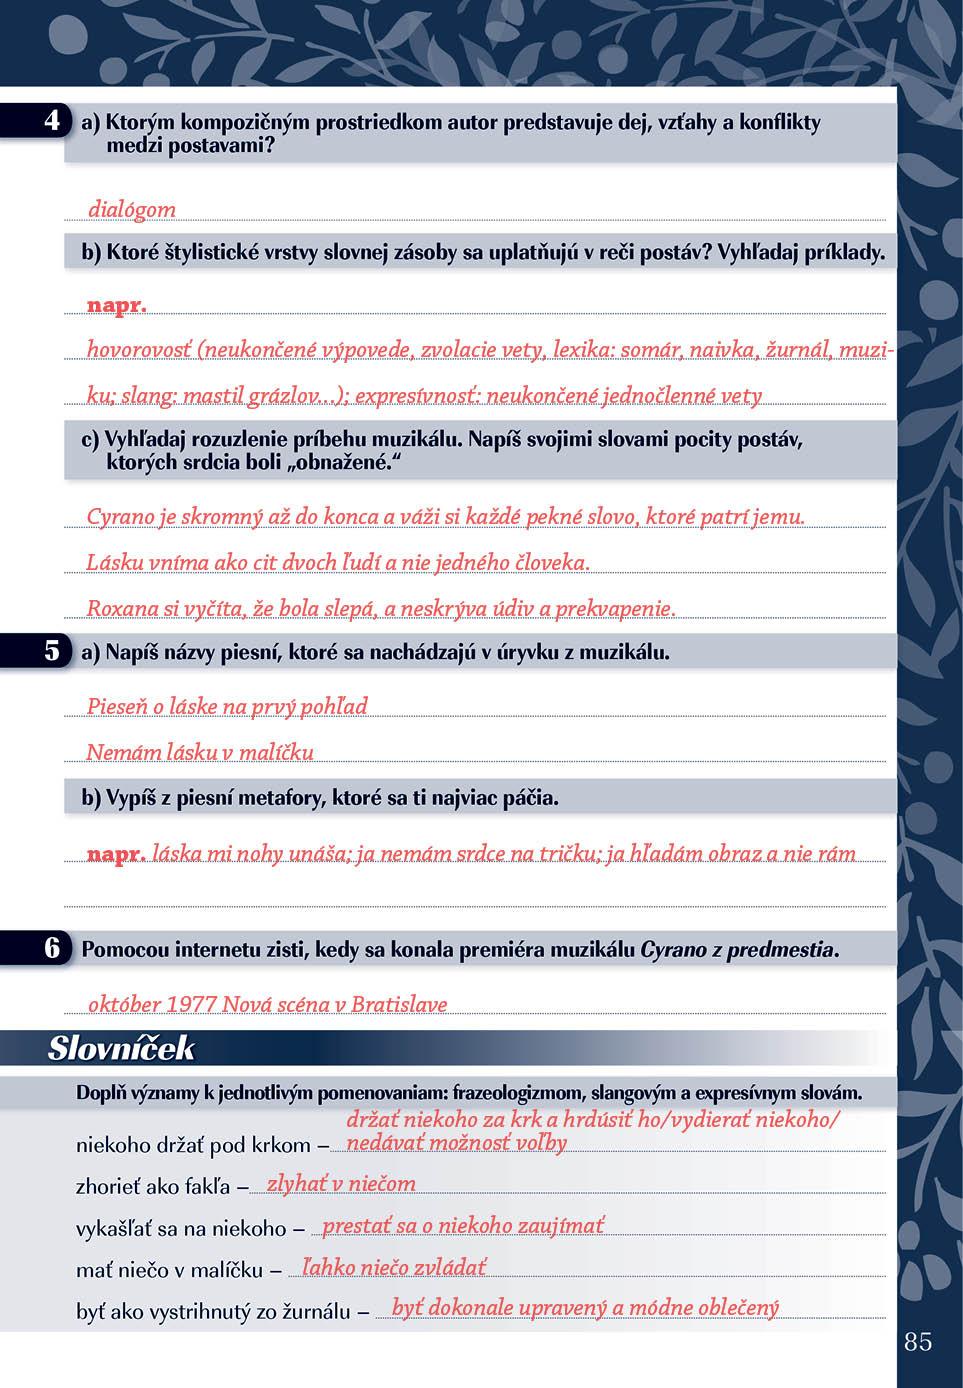 Náhľad: Zošit pre učiteľa - Pomocník z literatúry 9 ZŠ a 4 GOŠ (4)